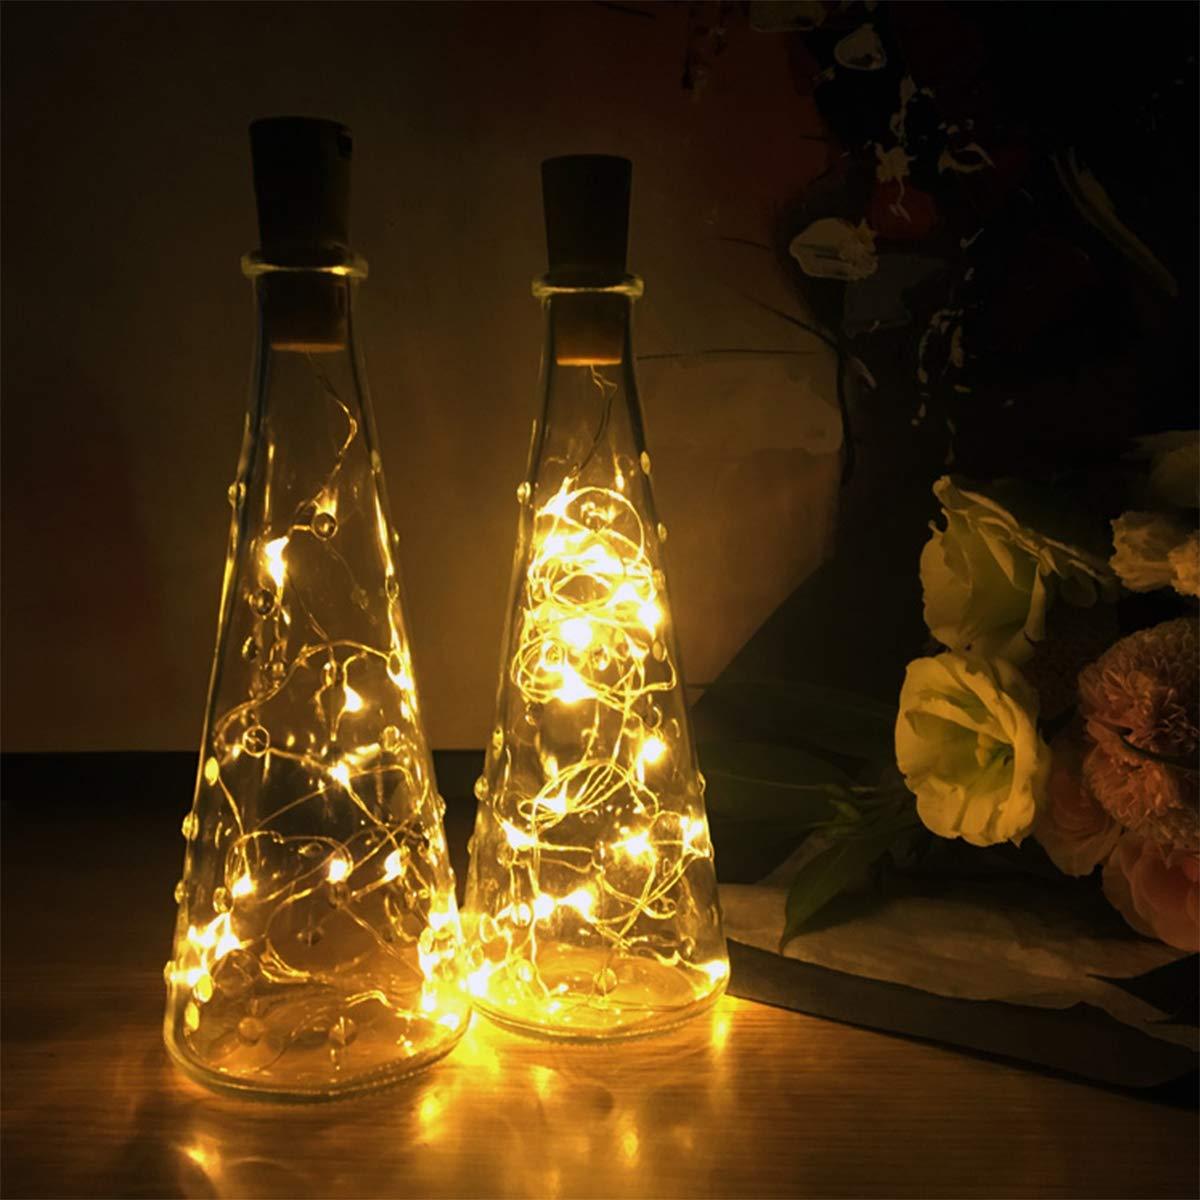 Dekor,Weihnachten batteriebetriebene f/ür Flasche DIY Lichterkette f/ür Flasche LED Lichterketten Stimmungslichter Weinflasche Kupferdraht Winzwon Flaschen Licht 20 LEDs 2M Warmwei/ß